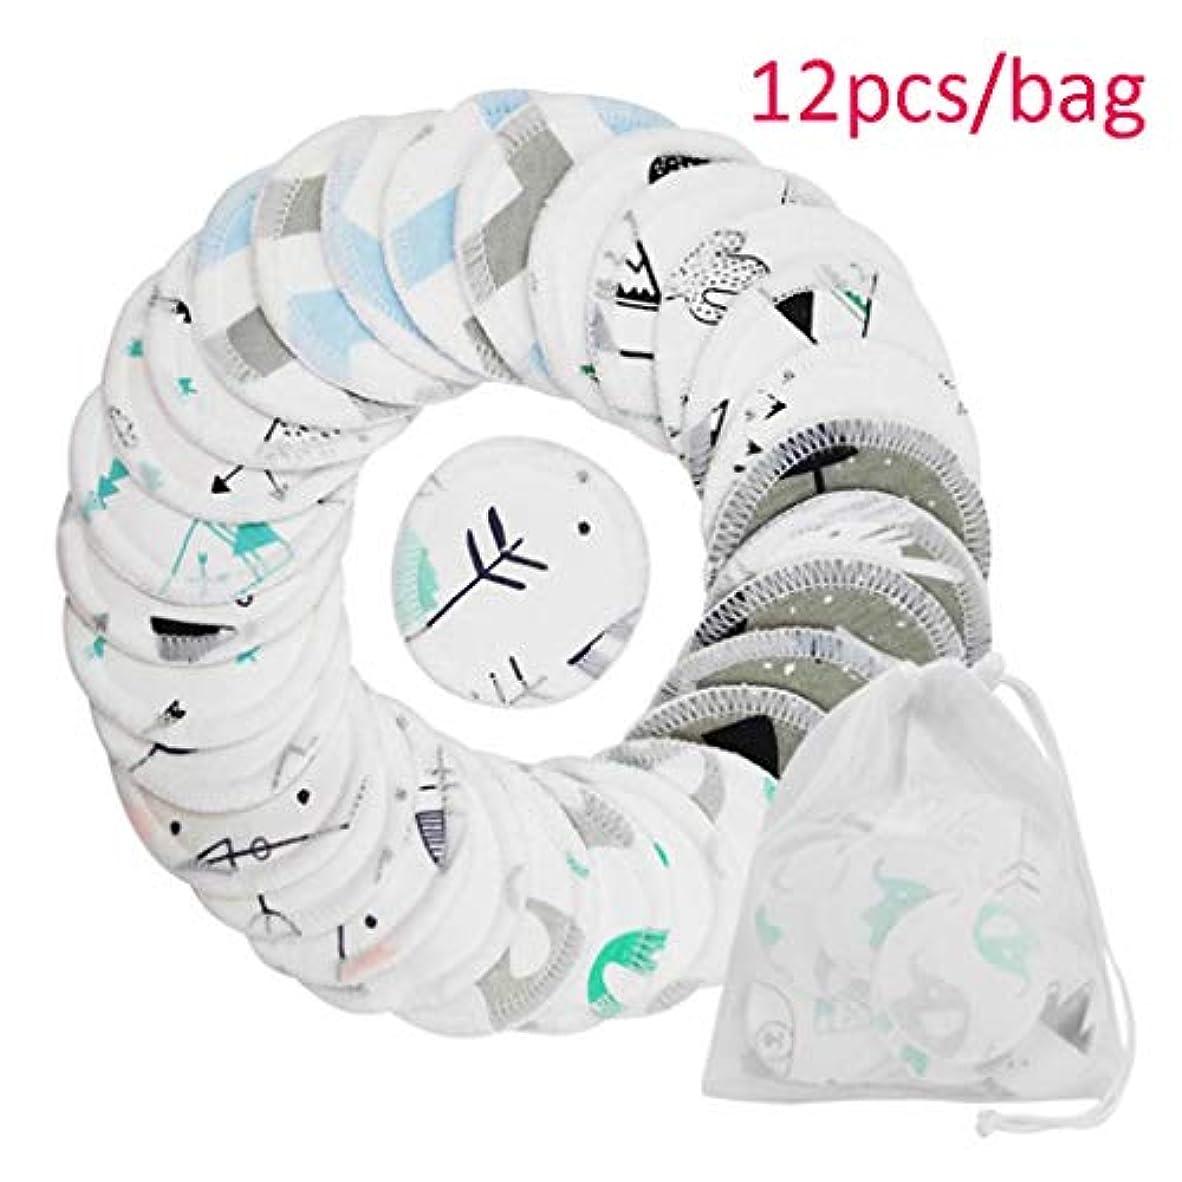 かわいらしいスキル犯人クレンジングシート 再利用可能な洗濯布パッド3層洗える綿ソフトメイクアップリムーバー布用女性の女の子化粧道具 (Color : White, サイズ : A(12pcs/bag))